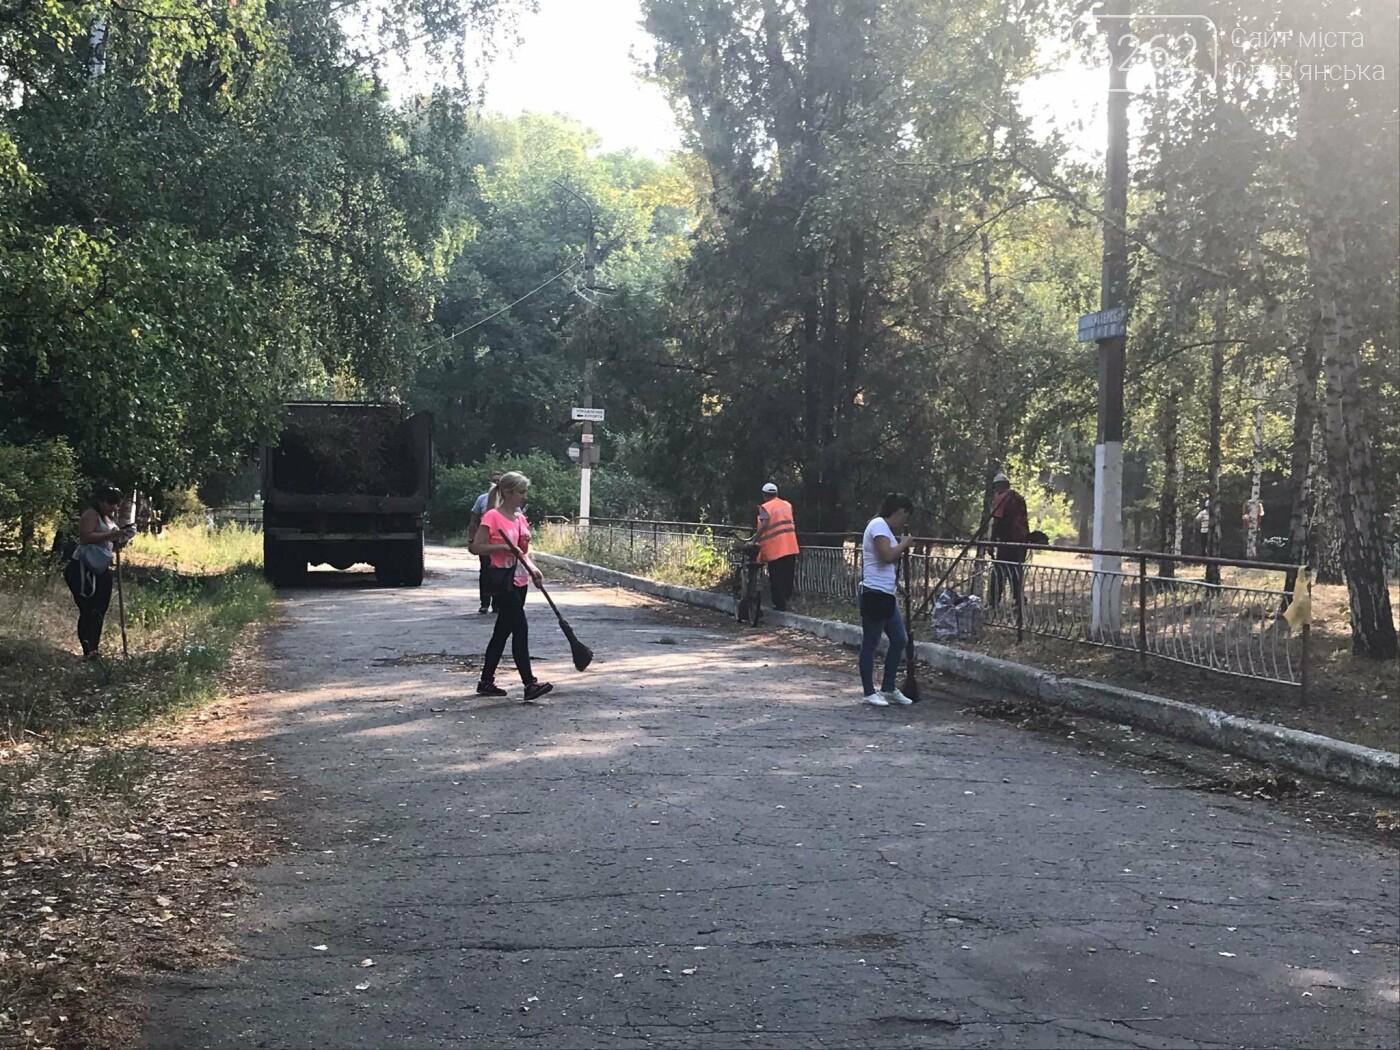 На Словкурорті відбулось велике прибирання (фото, відео)  , фото-4